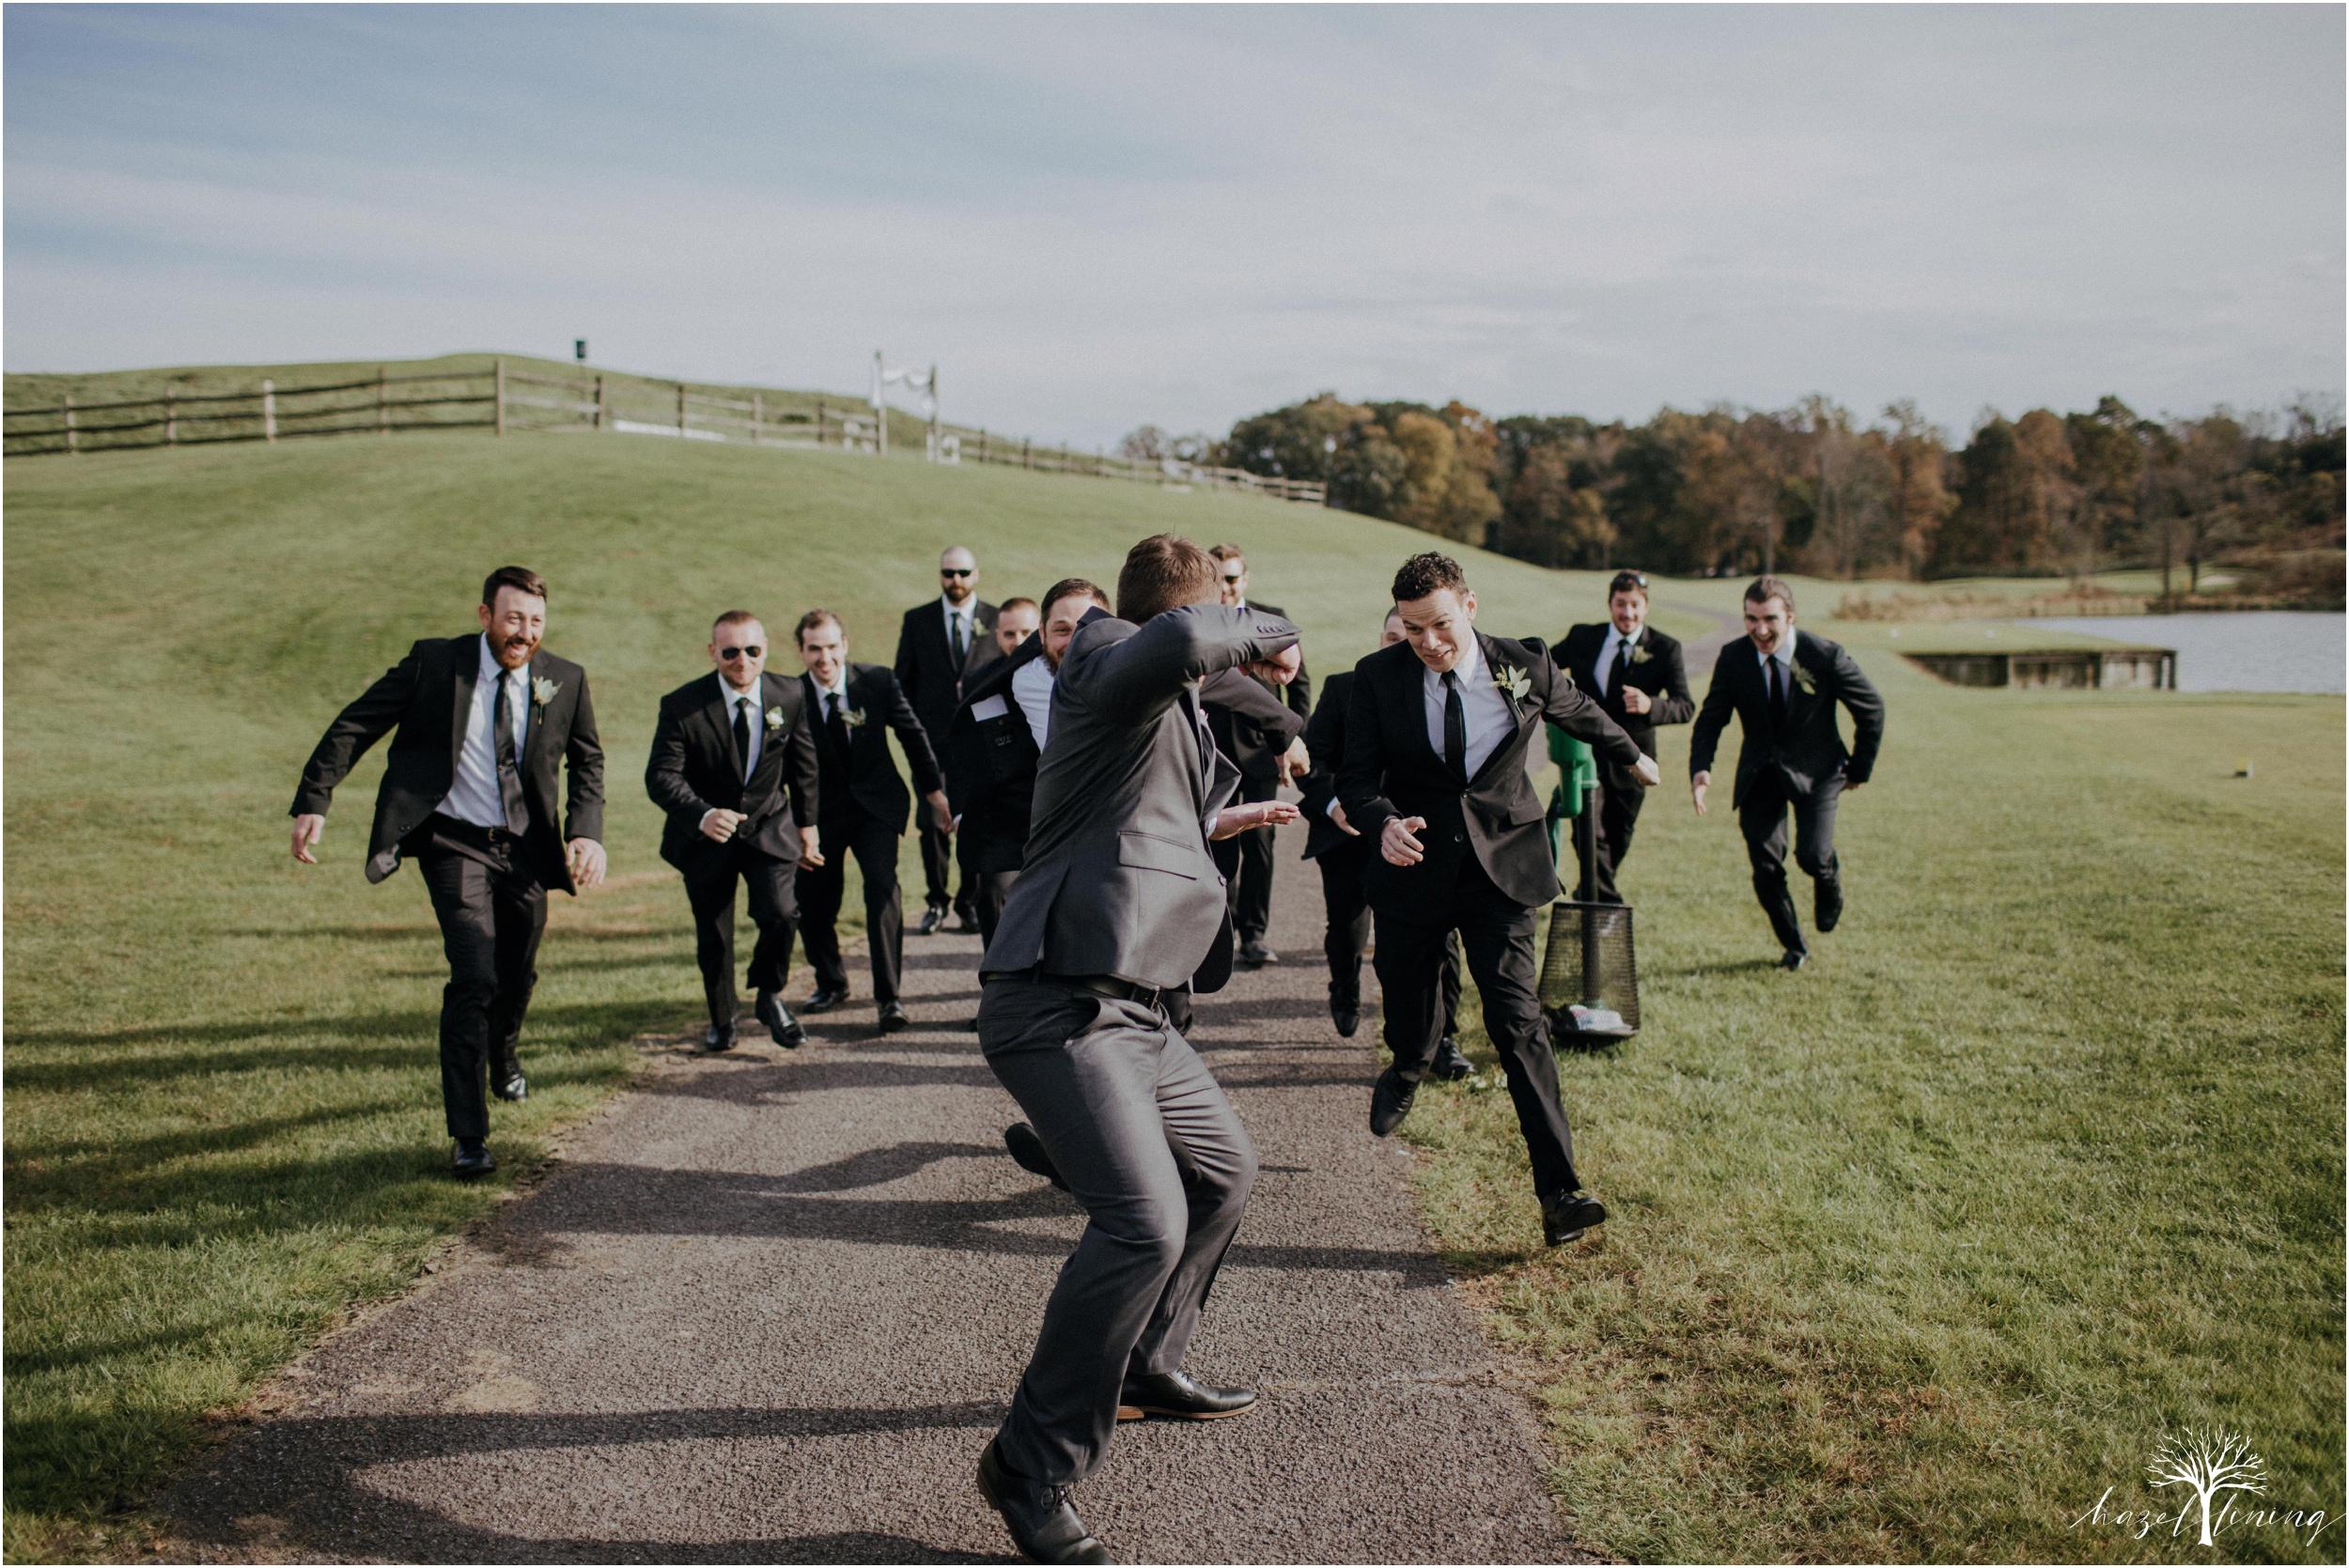 jessie-martin-zach-umlauf-olde-homestead-golfclub-outdoor-autumn-wedding_0059.jpg